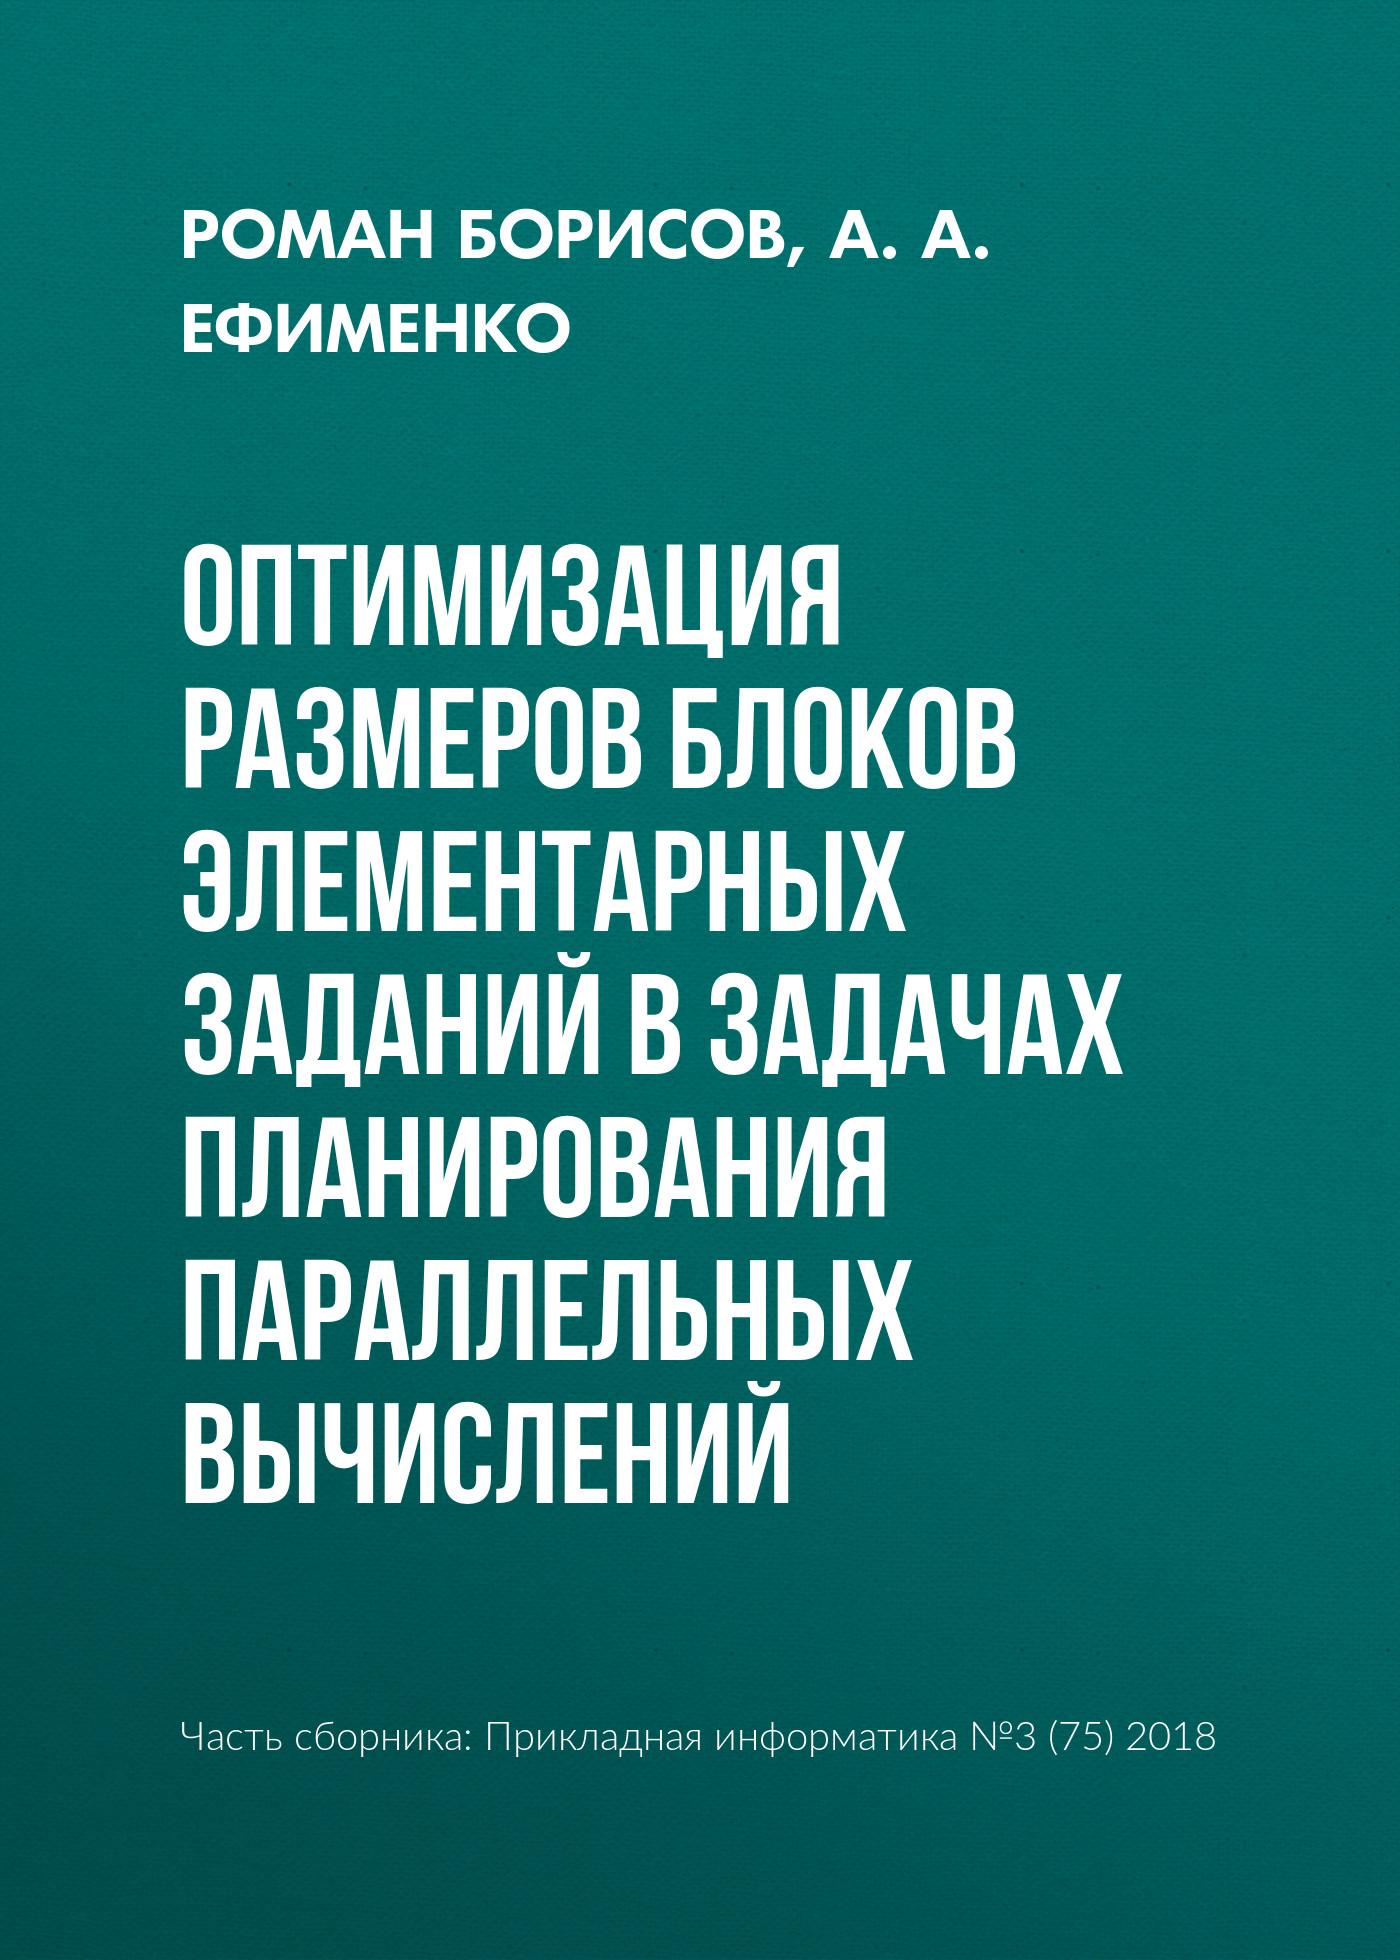 Р. С. Борисов Оптимизация размеров блоков элементарных заданий в задачах планирования параллельных вычислений